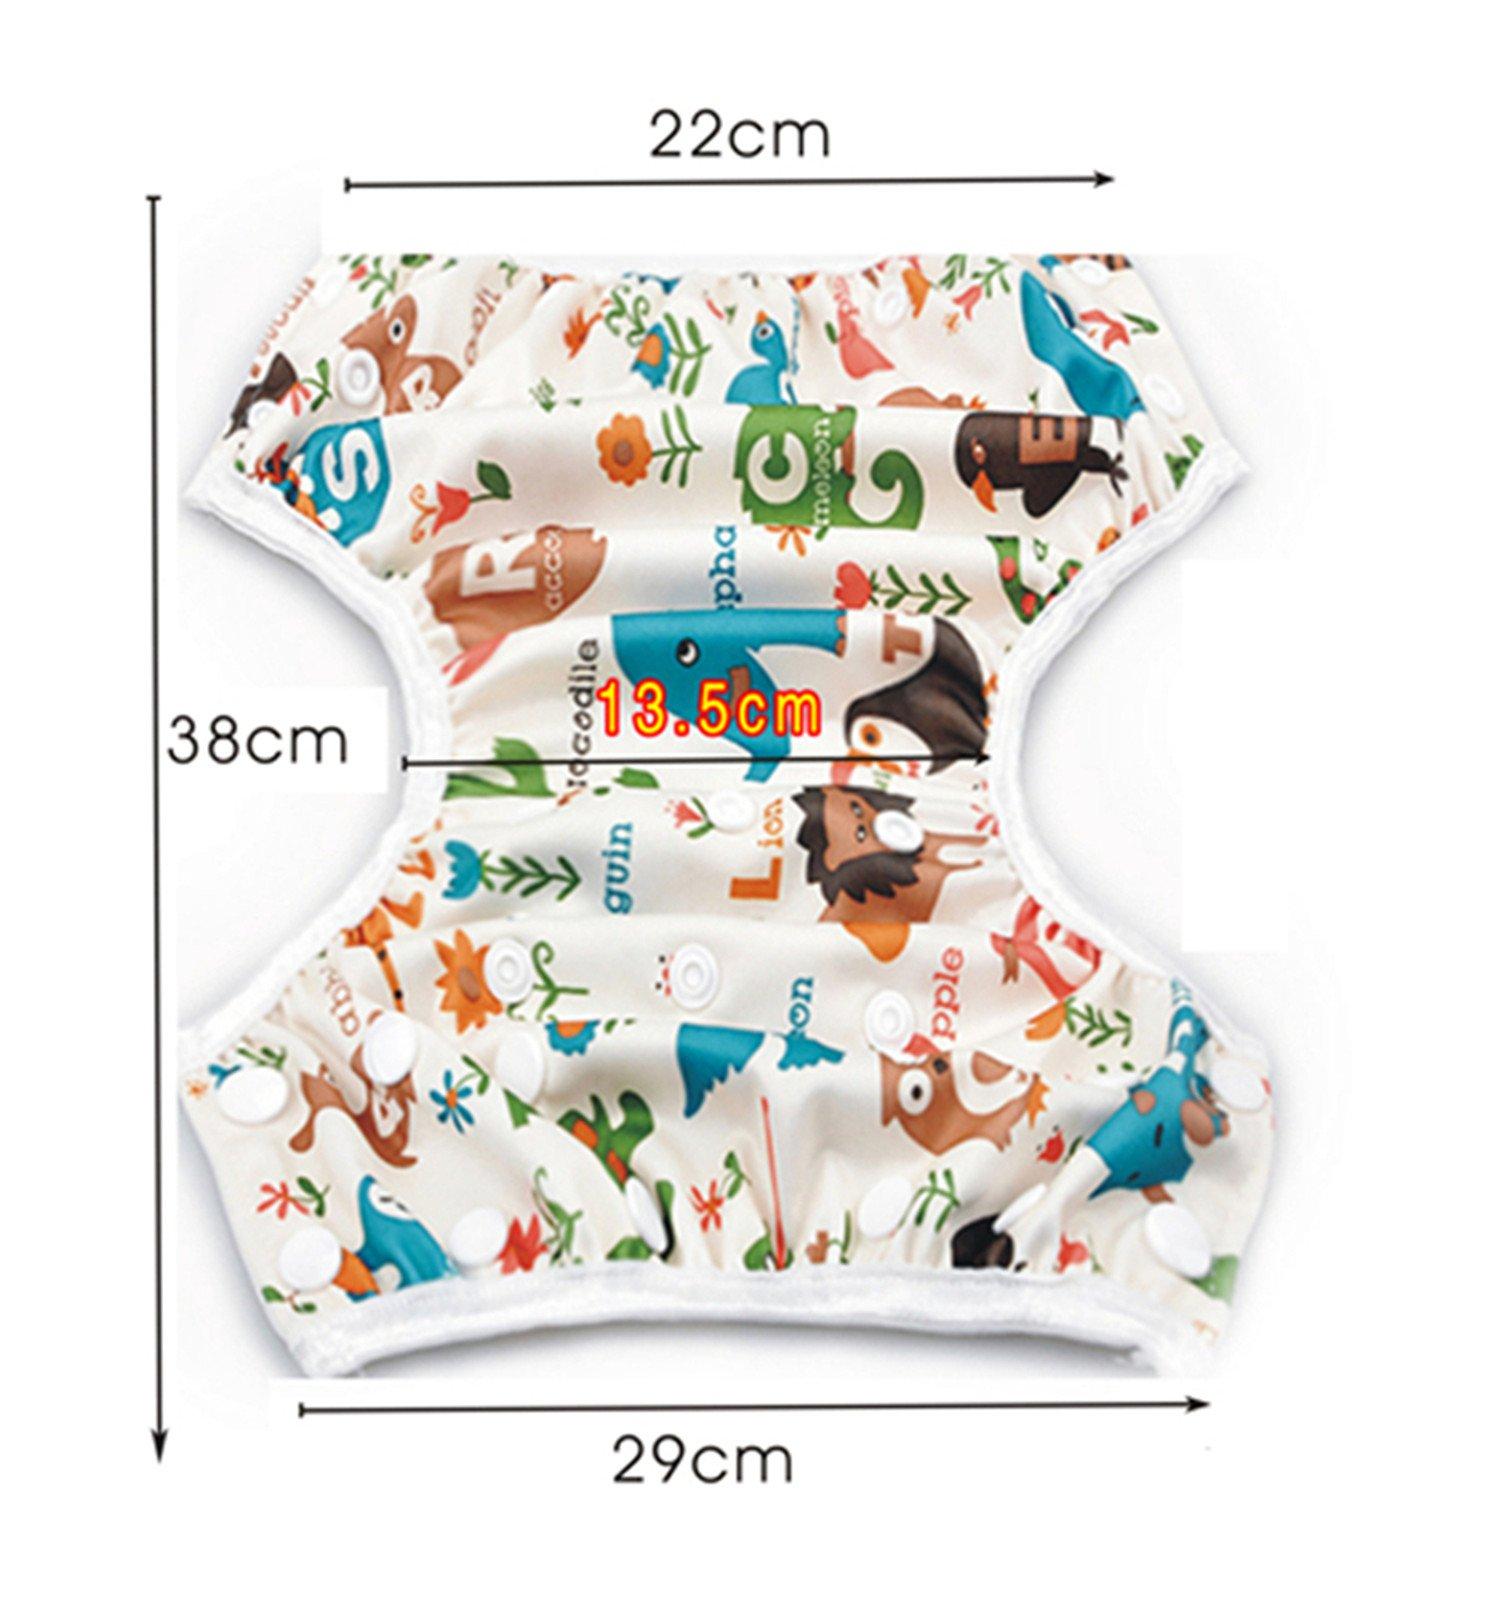 Storeofbaby Pannolini da nuoto Baby pannolini riutilizzabili Cover impermeabile per 0-36 mesi Unisex Confezione da 2 5 spesavip